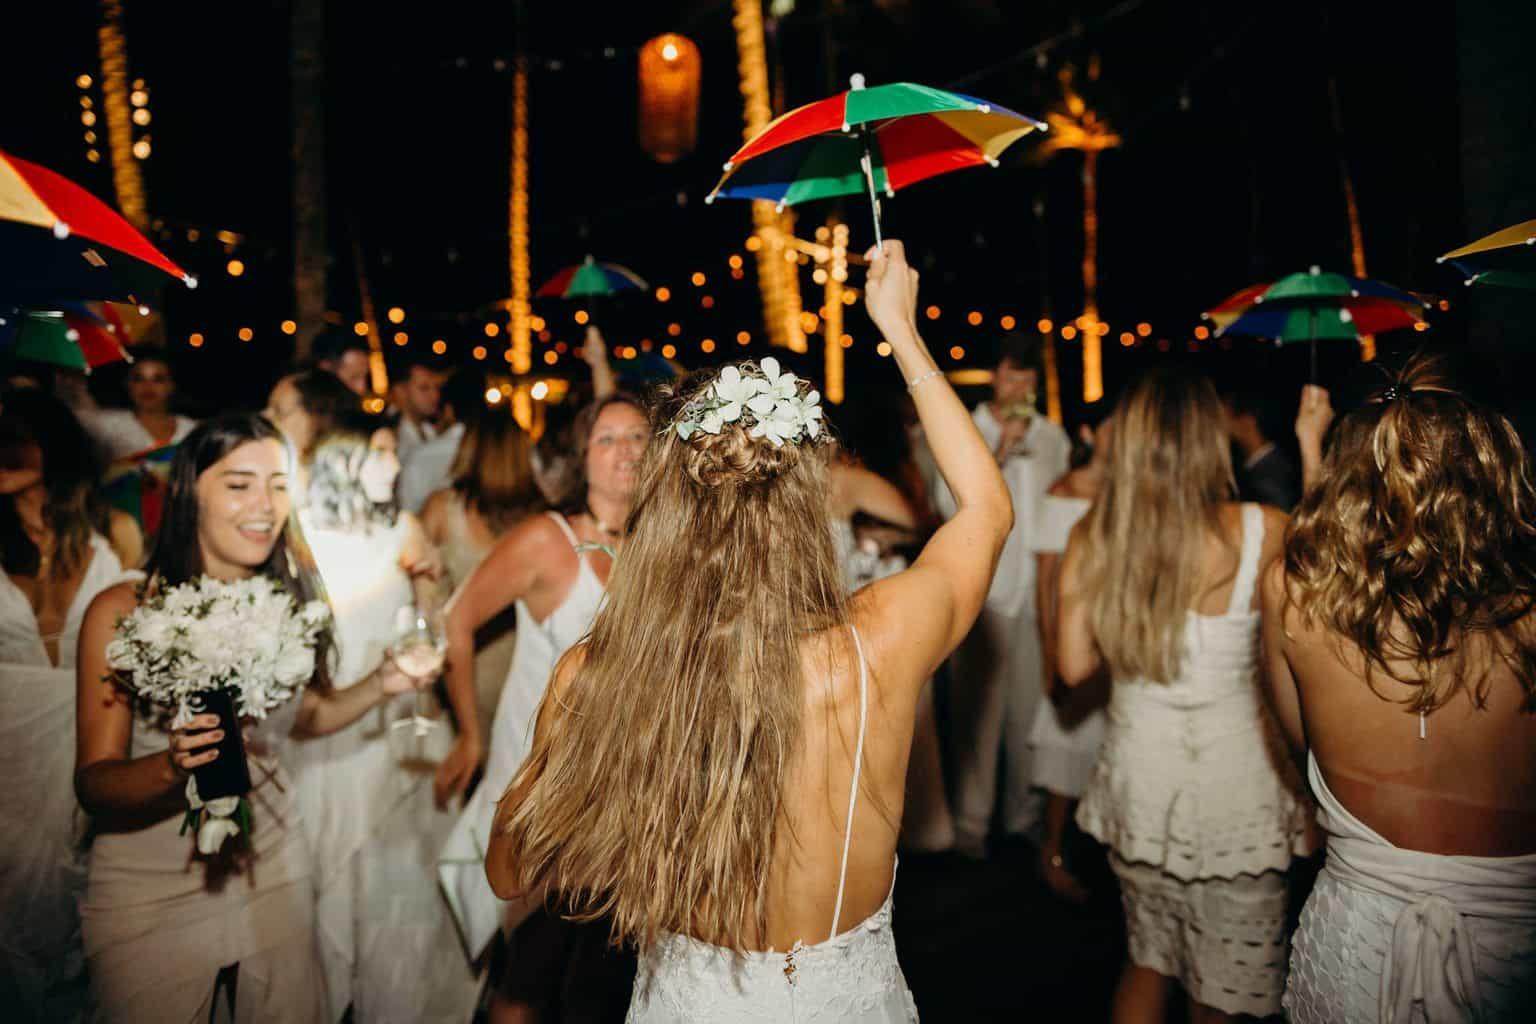 casamento-Danielle-e-Guilherme-aloha-fotografia-caseme-145